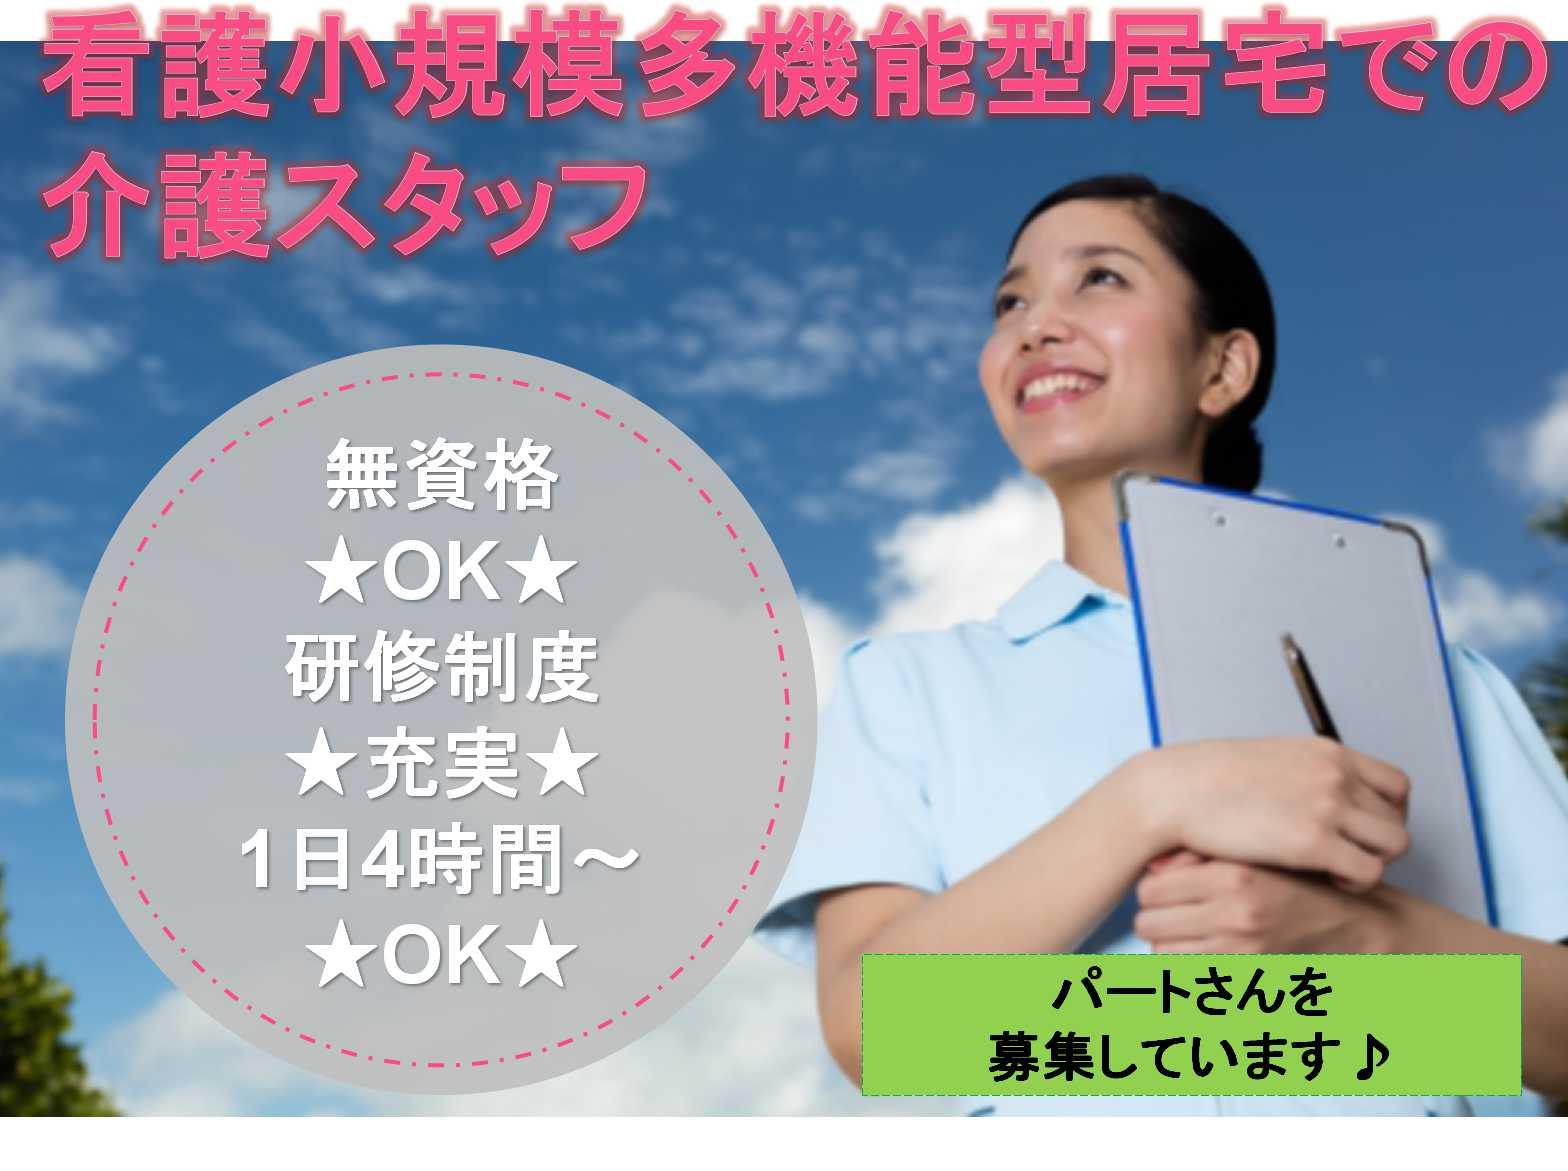 無資格OK!1日4時間~OK!介護スタッフ(看護小規模多機能型居宅介護)募集中【パート・アルバイト】 イメージ